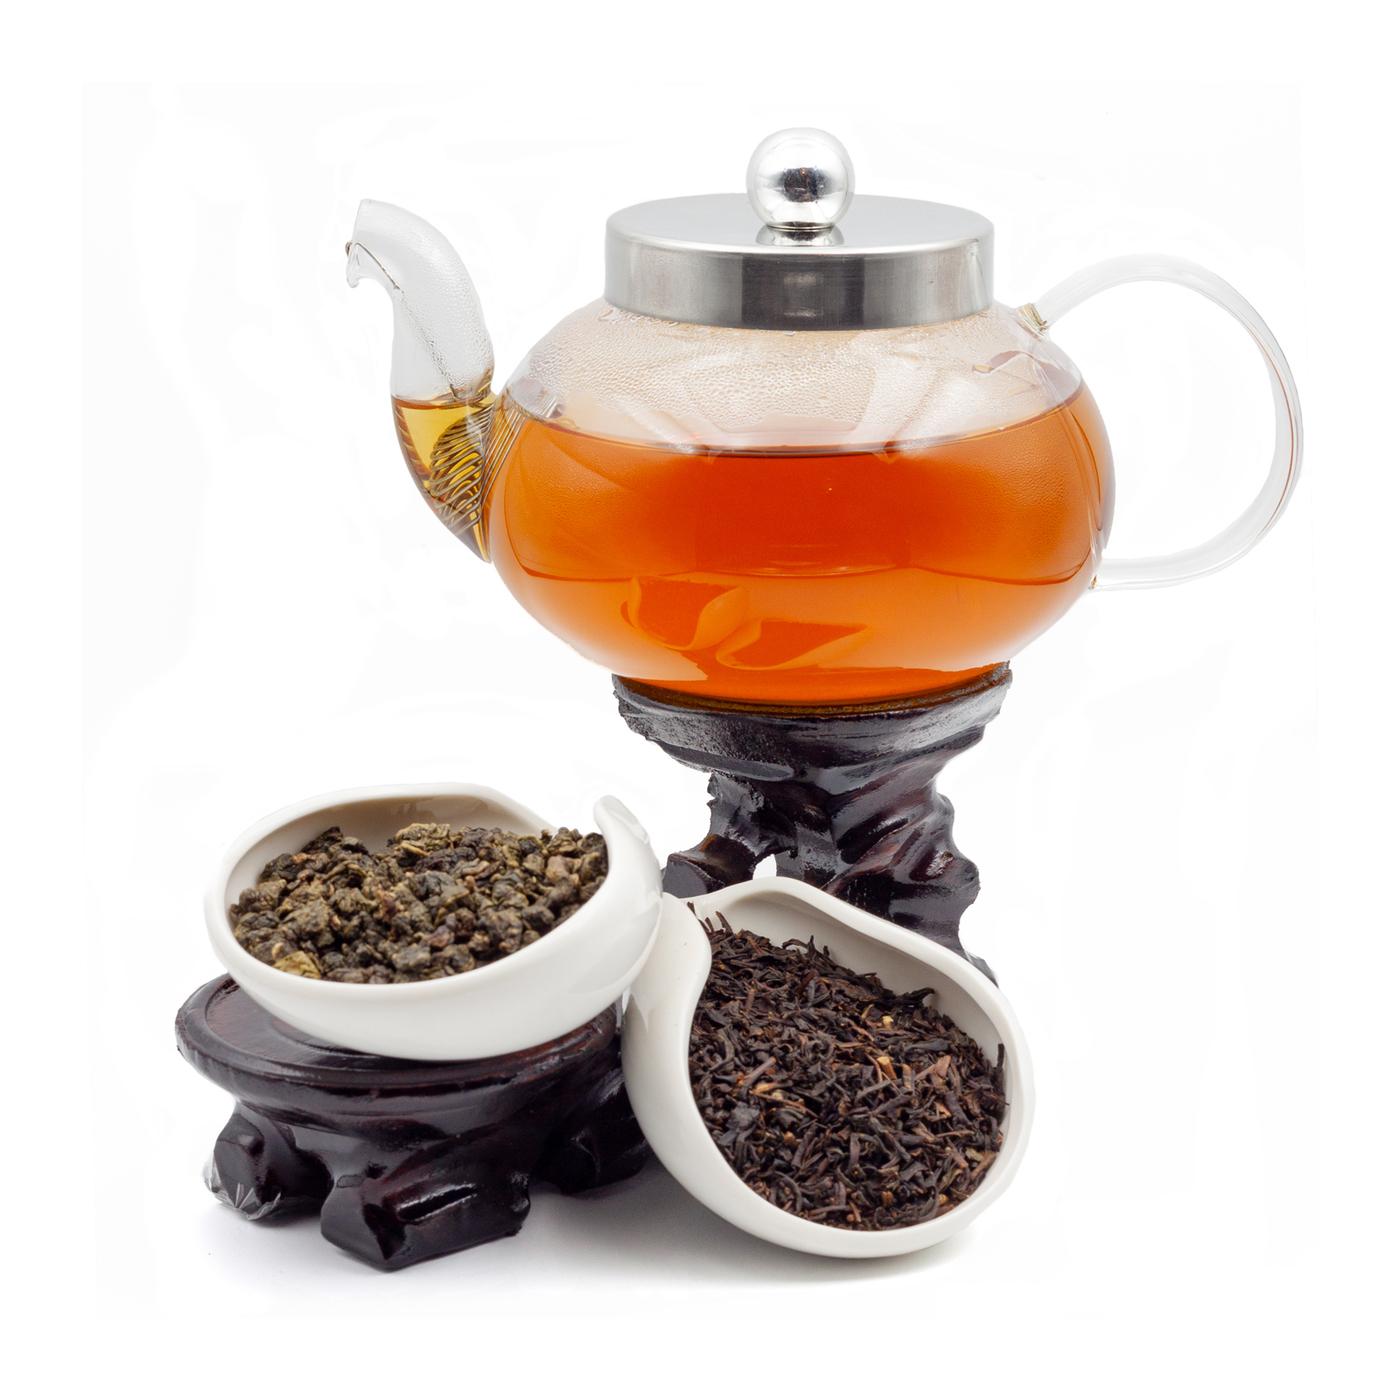 """Подарочный чайный набор """"Джентльмена"""" (стеклянный заварочный чайник """"Вишня"""" 600 мл , Те Гуань Инь кат. C, Исин Хун Ча кат. С), Белая Обезьяна"""